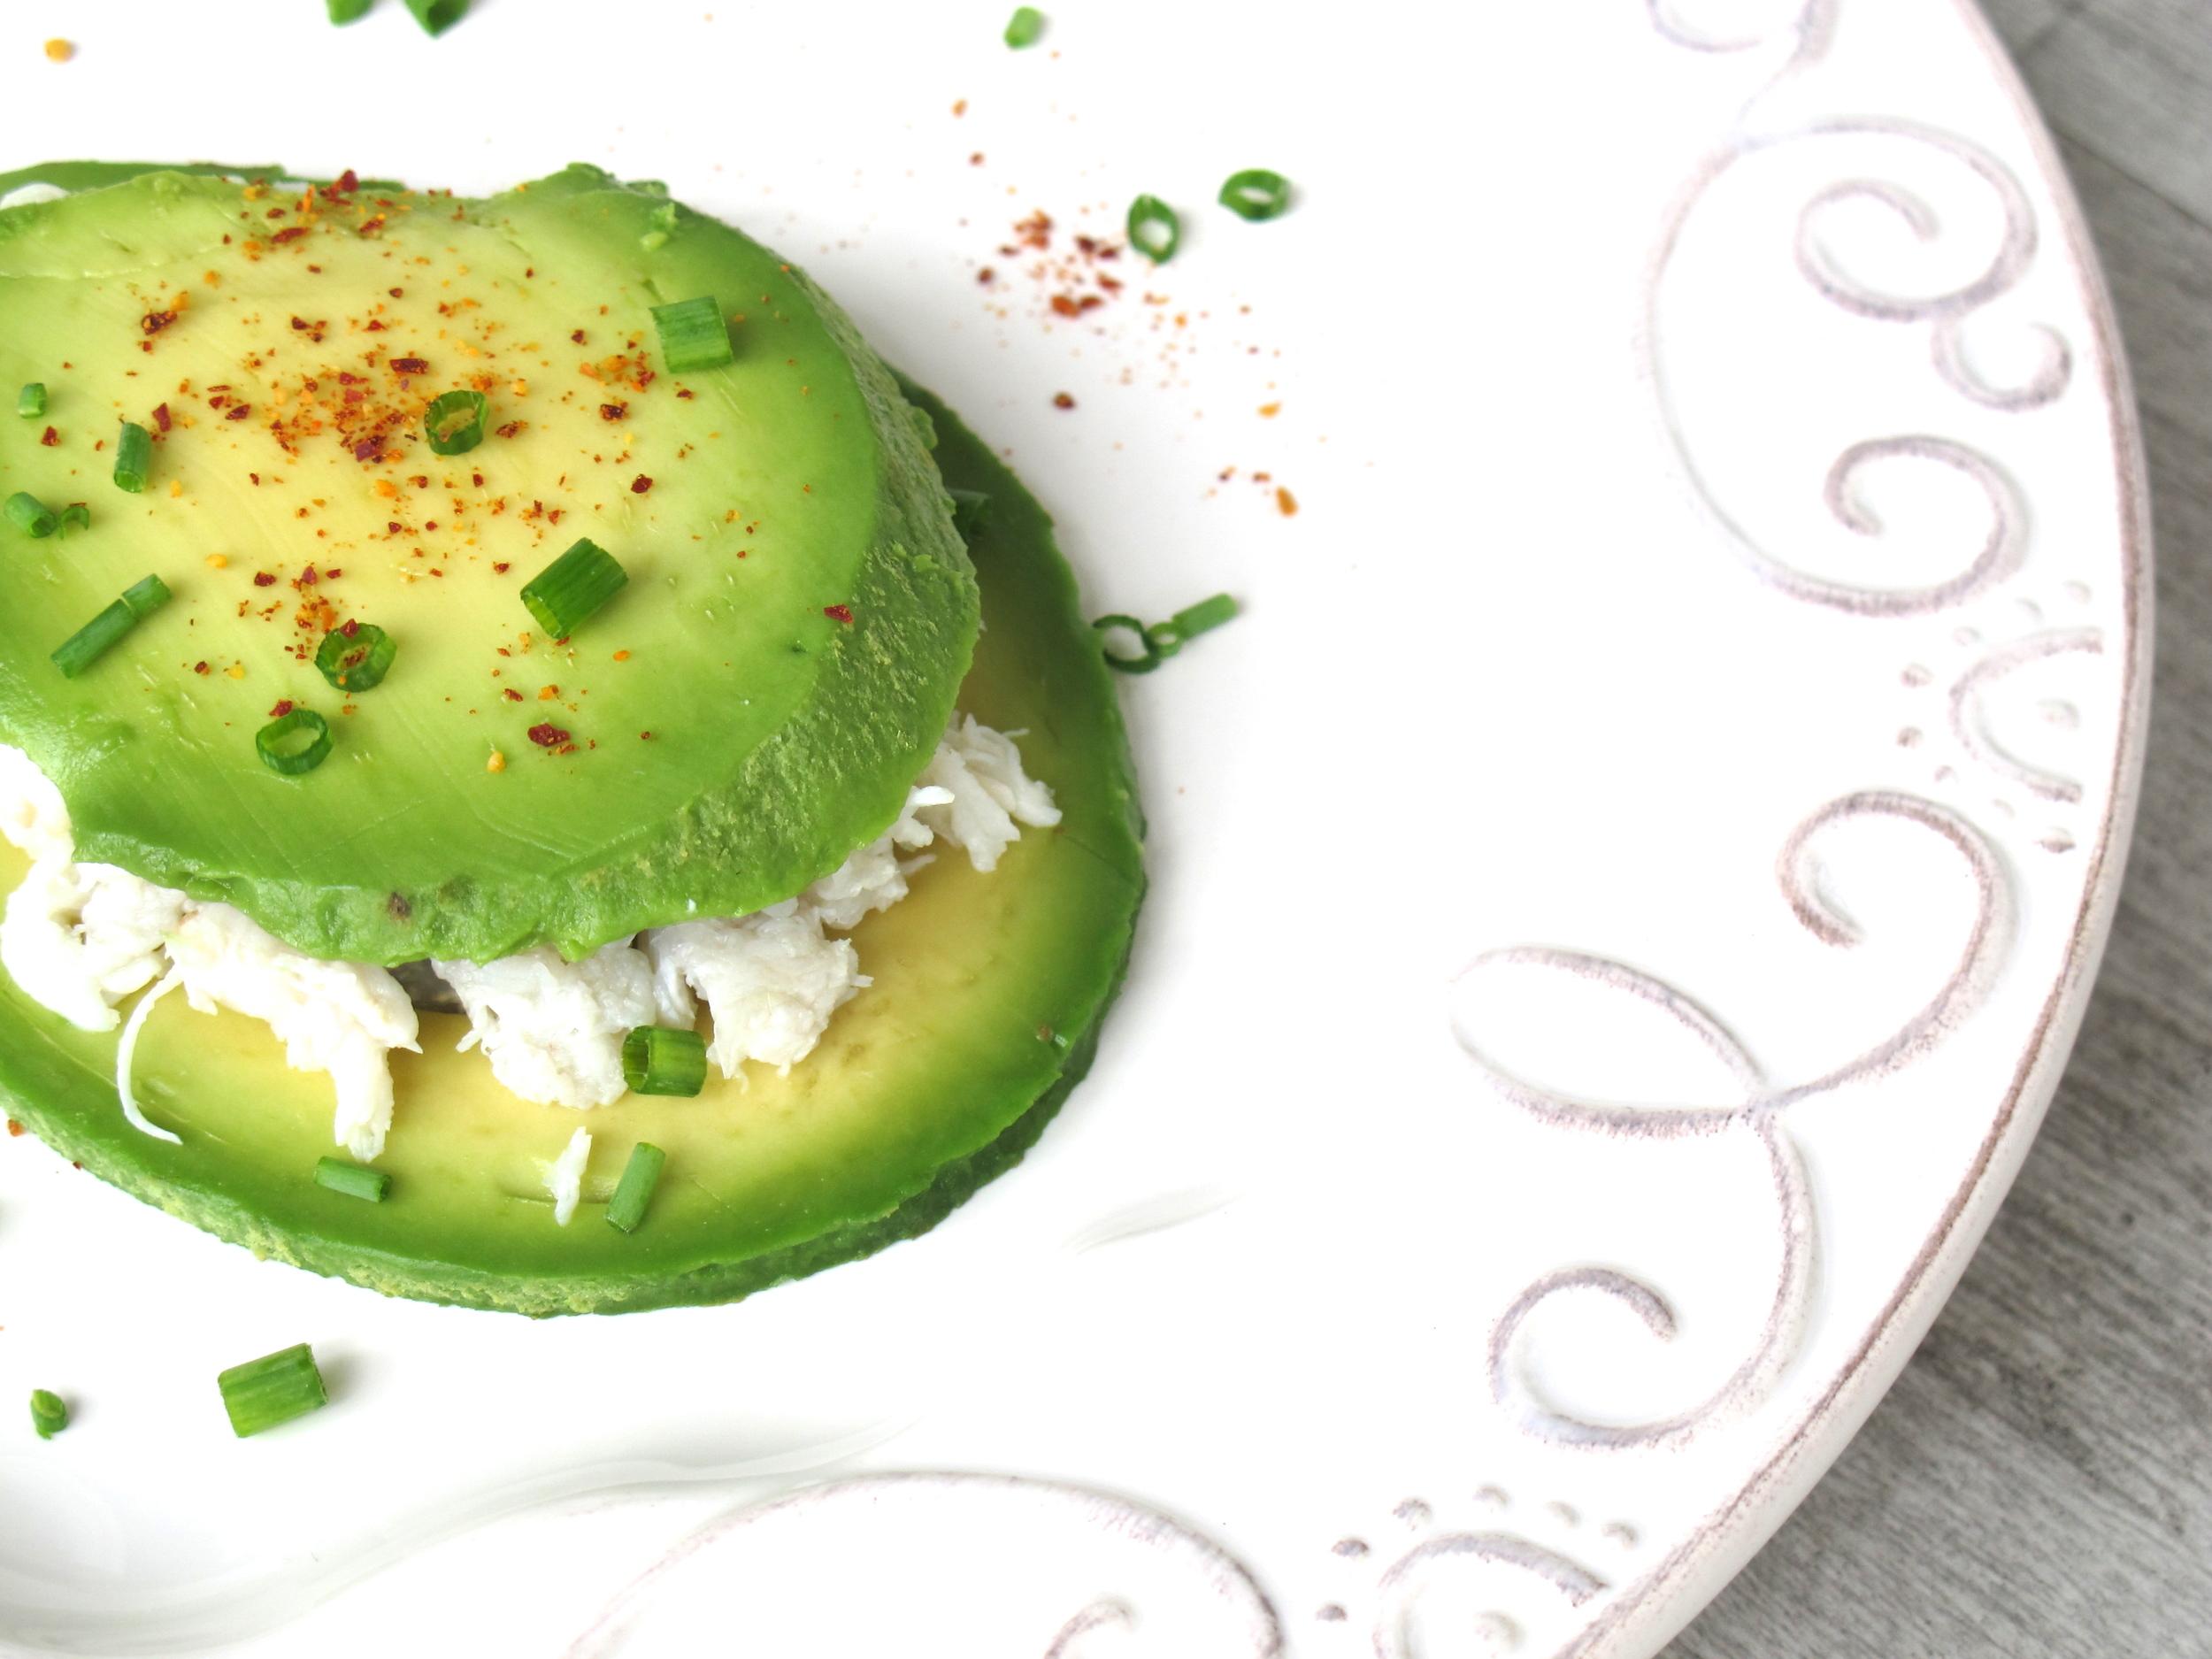 crab between avocado